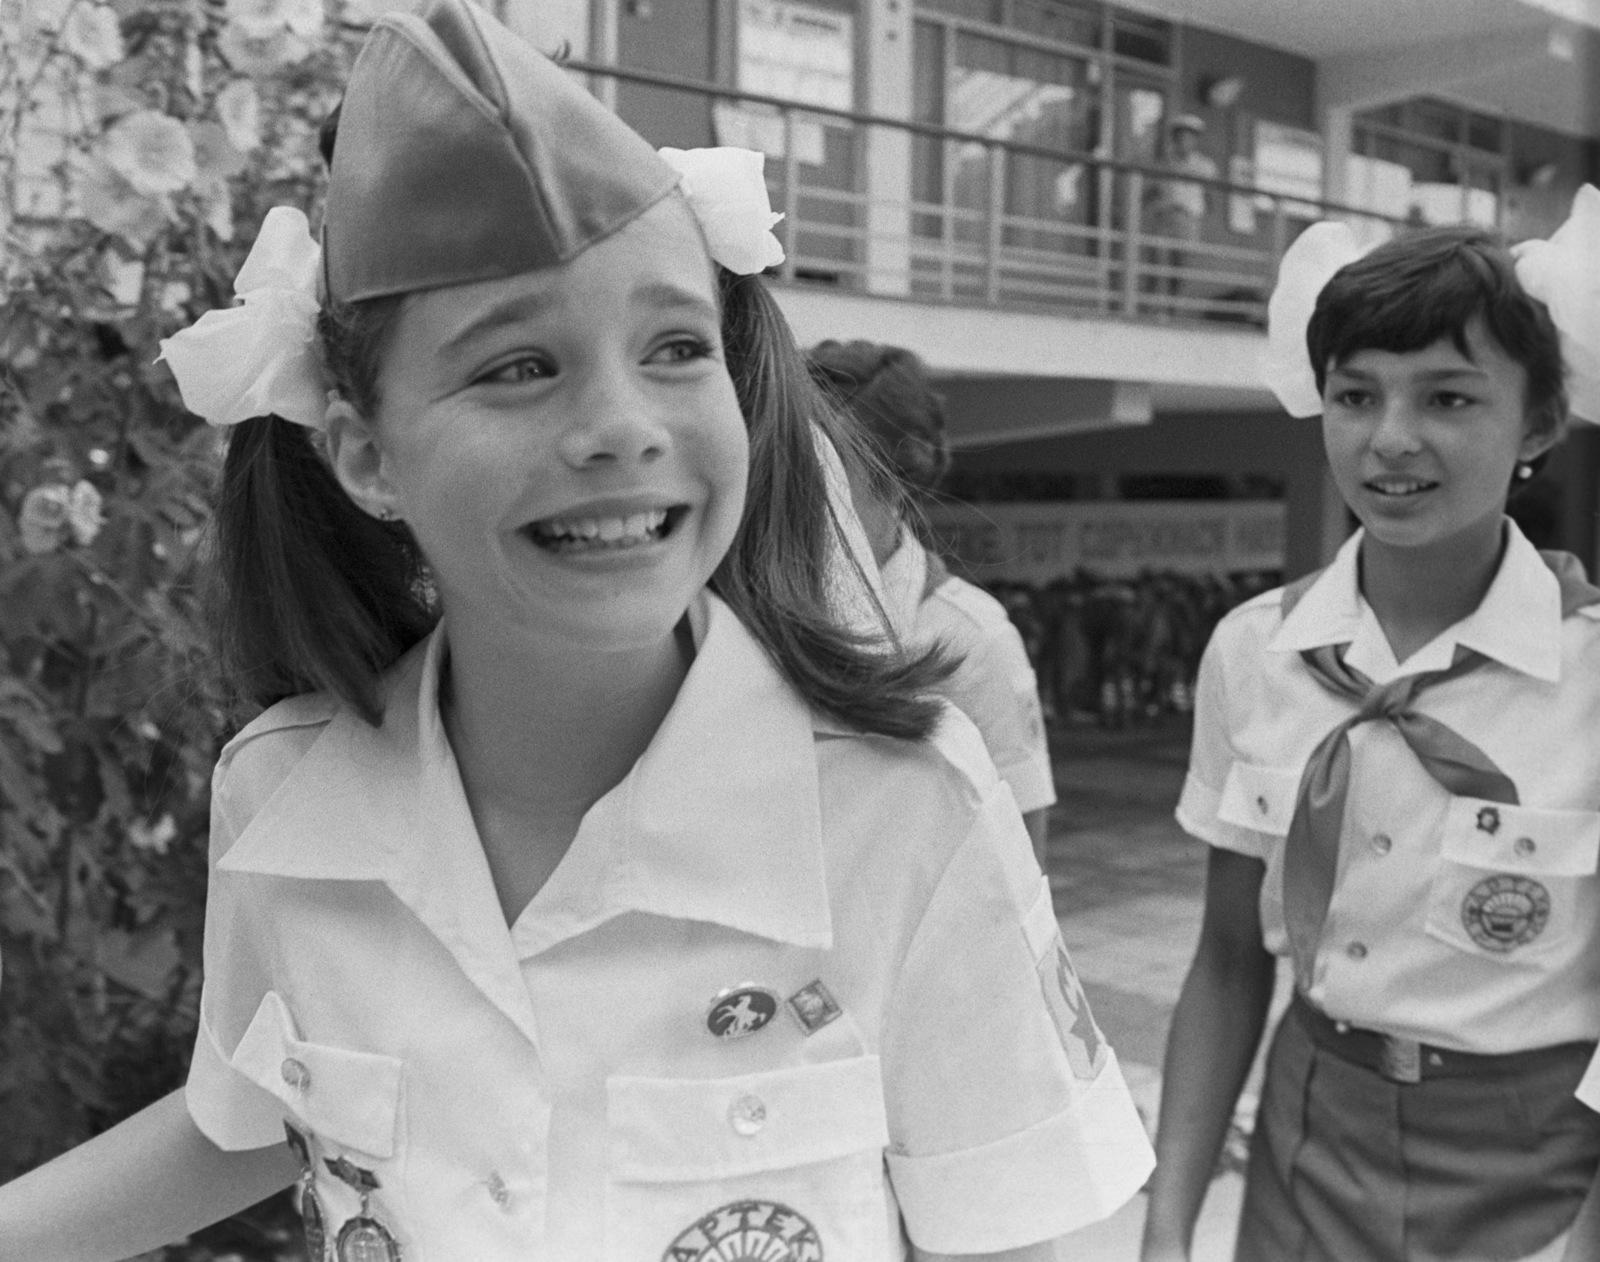 Саманта Смит в «Артеке», 1983 год / Валерий Зуфаров, ТАСС